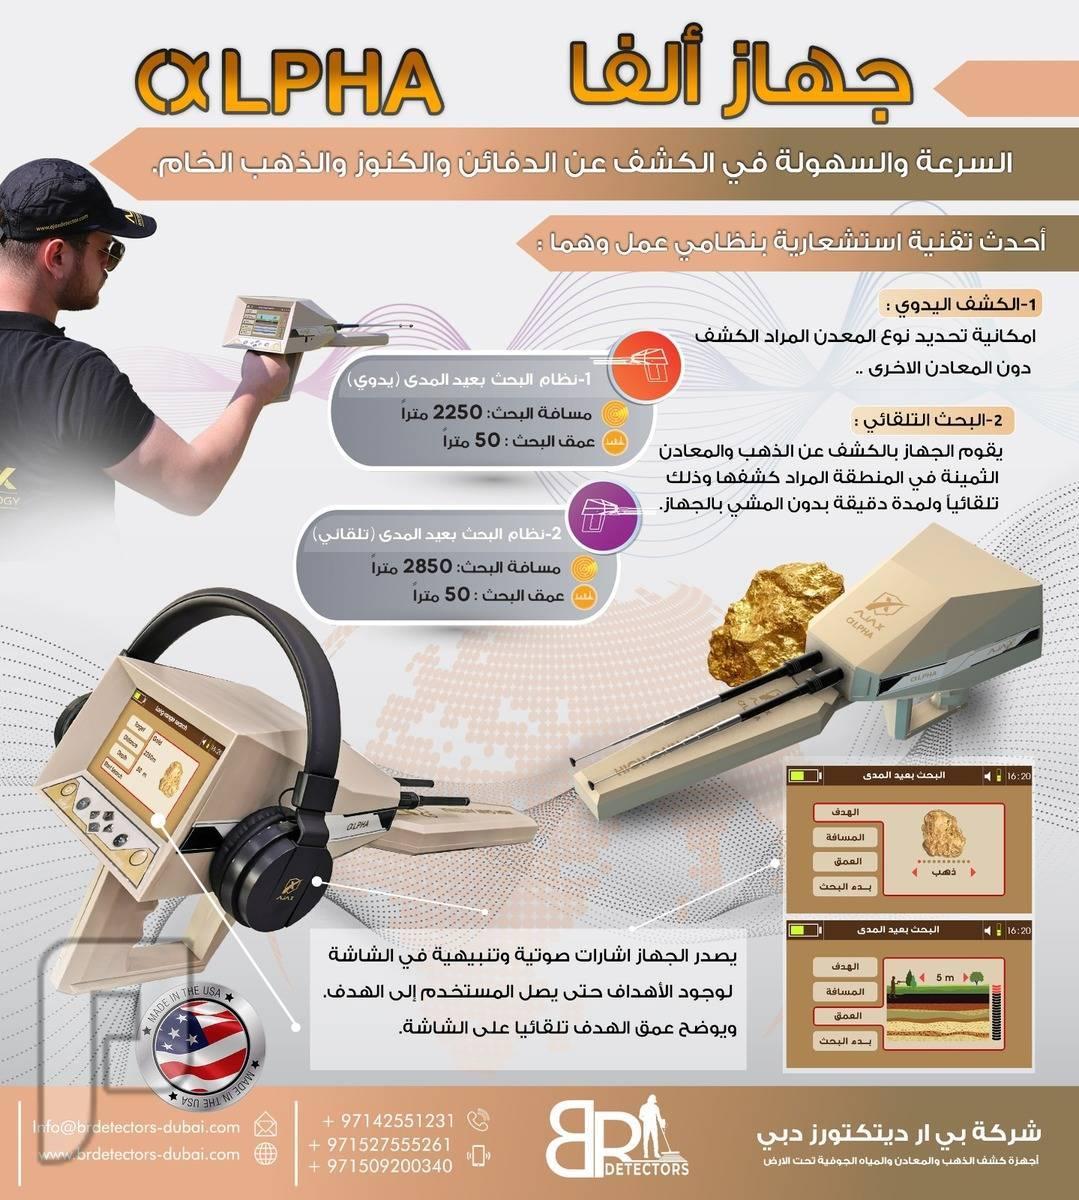 اقوى اجهزة كشف الذهب الفا اجاكس ALPHA AJAX اقوى اجهزة كشف الذهب الفا اجاكس ALPHA AJAX